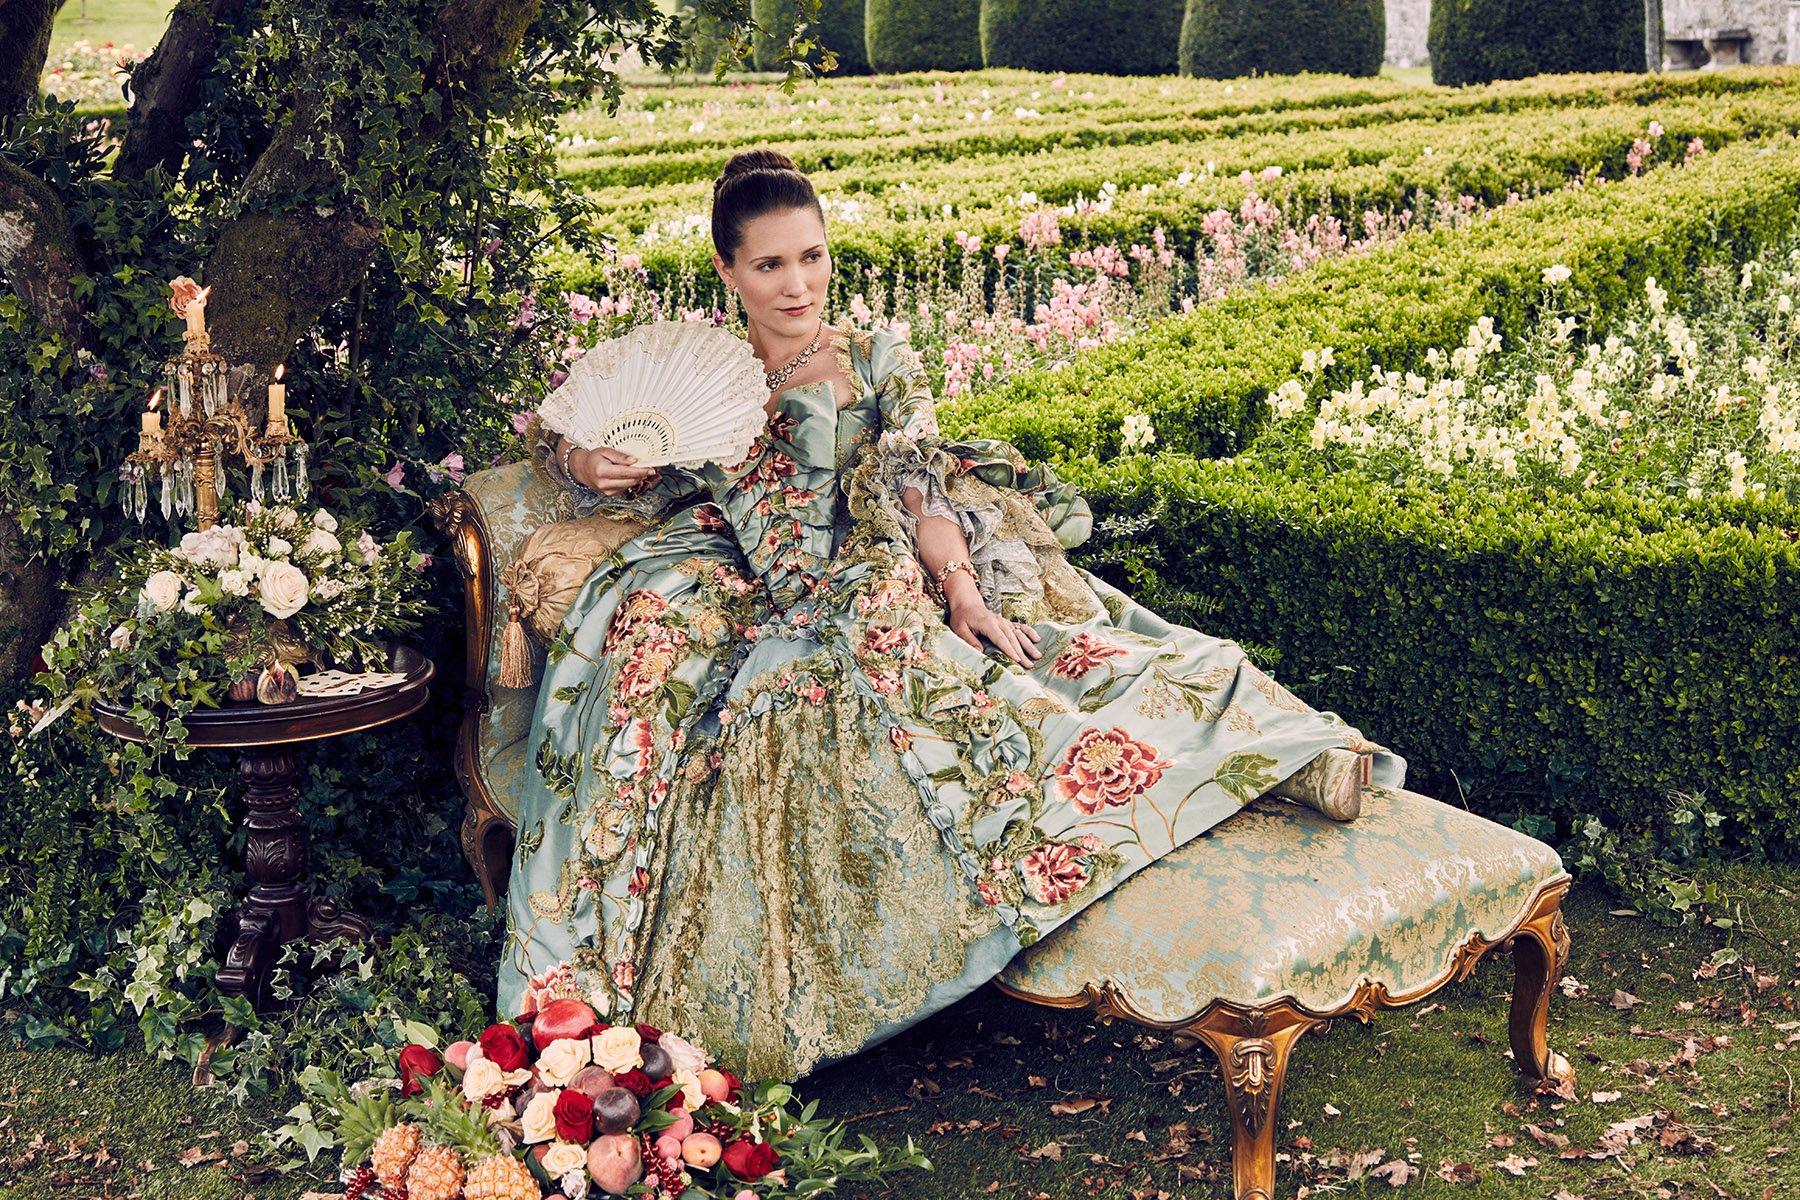 New 15 Hq Stills Of Outlander Season 2 Outlander Online